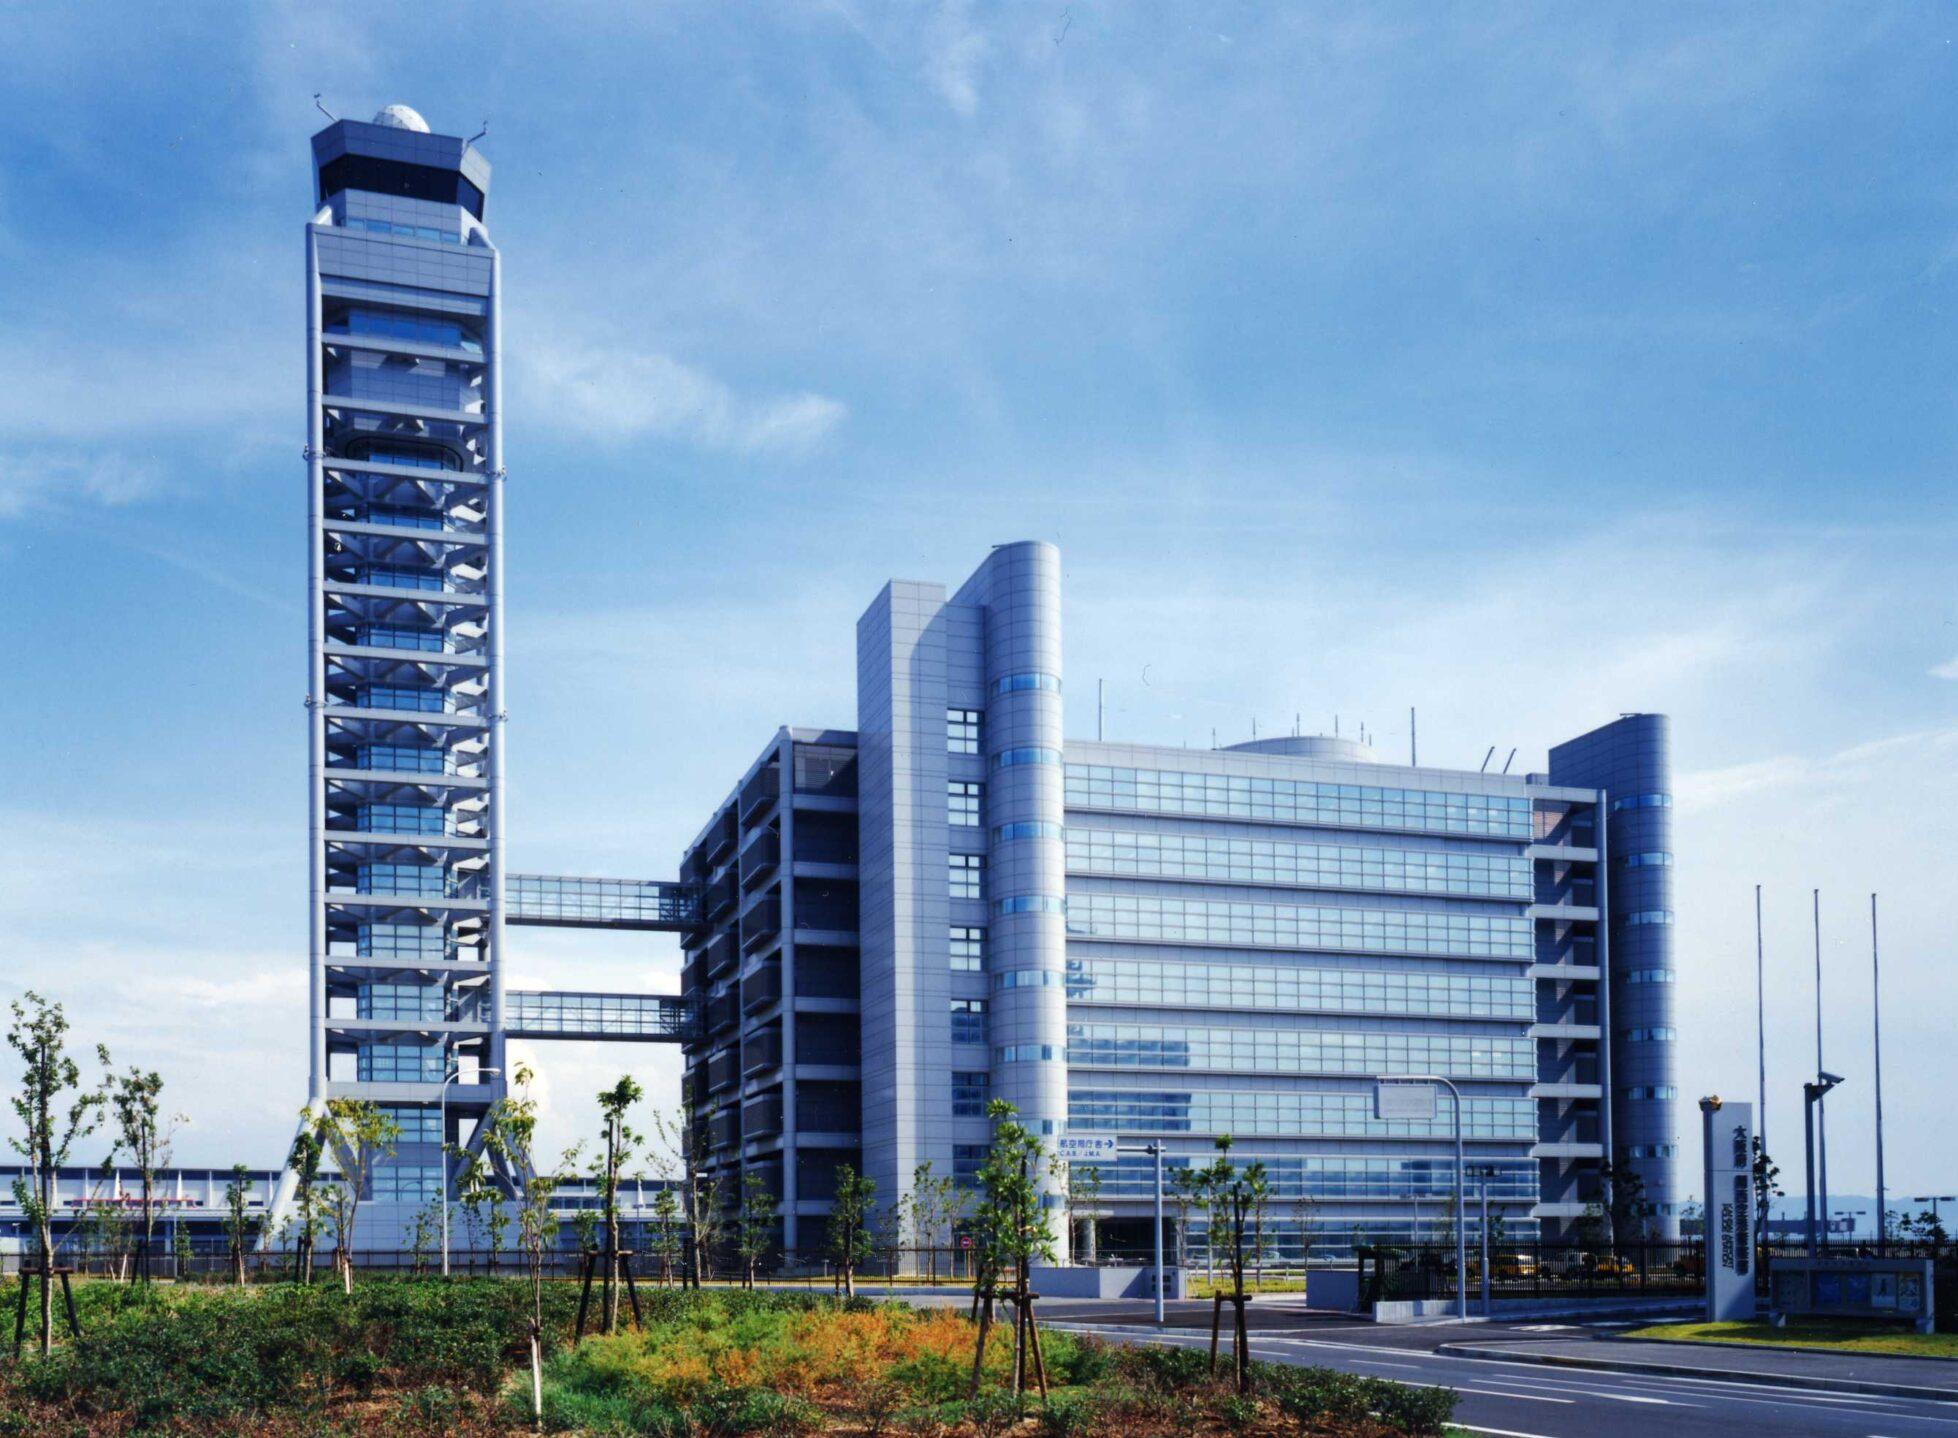 関西国際空港 庁舎・管制塔